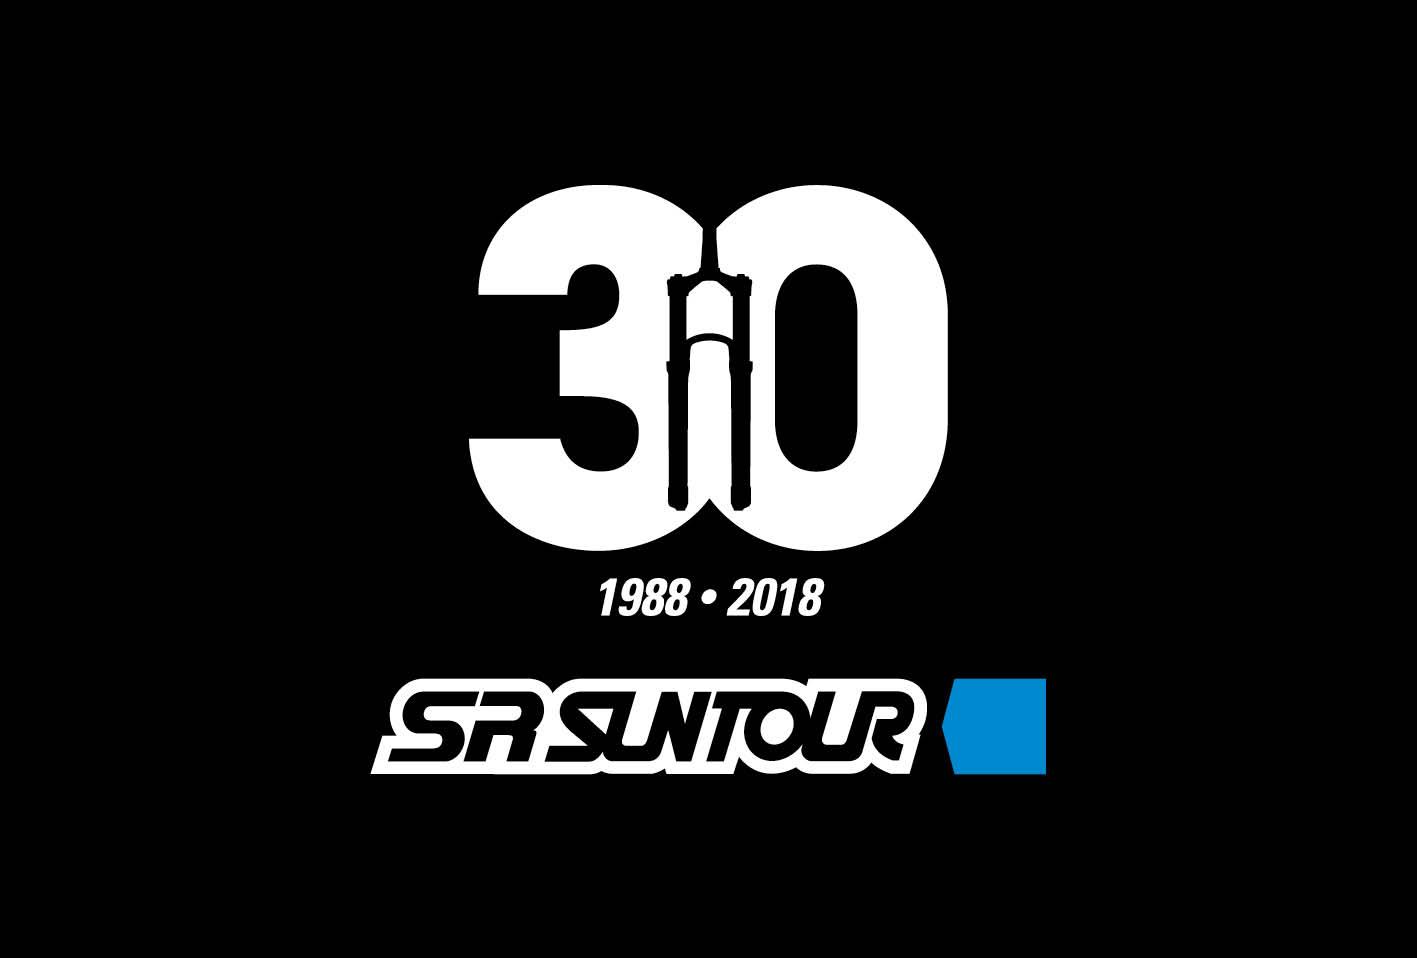 30_years_SRS.jpg